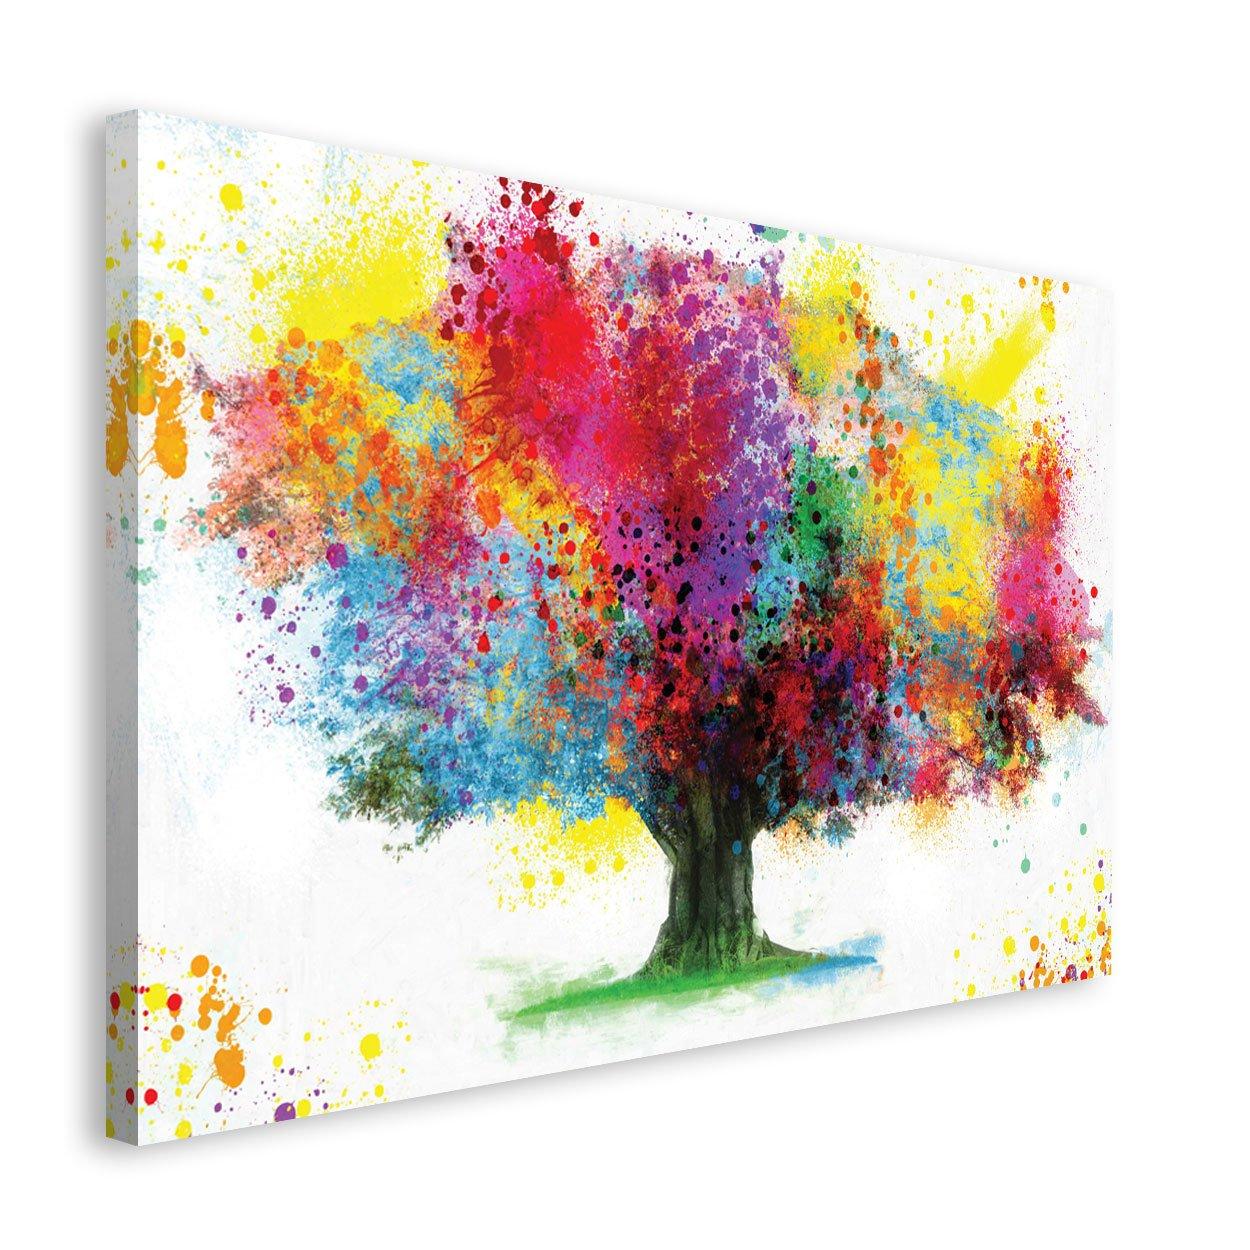 REINDERS Baum von Freuden - Wandbild 118 x 70 cm